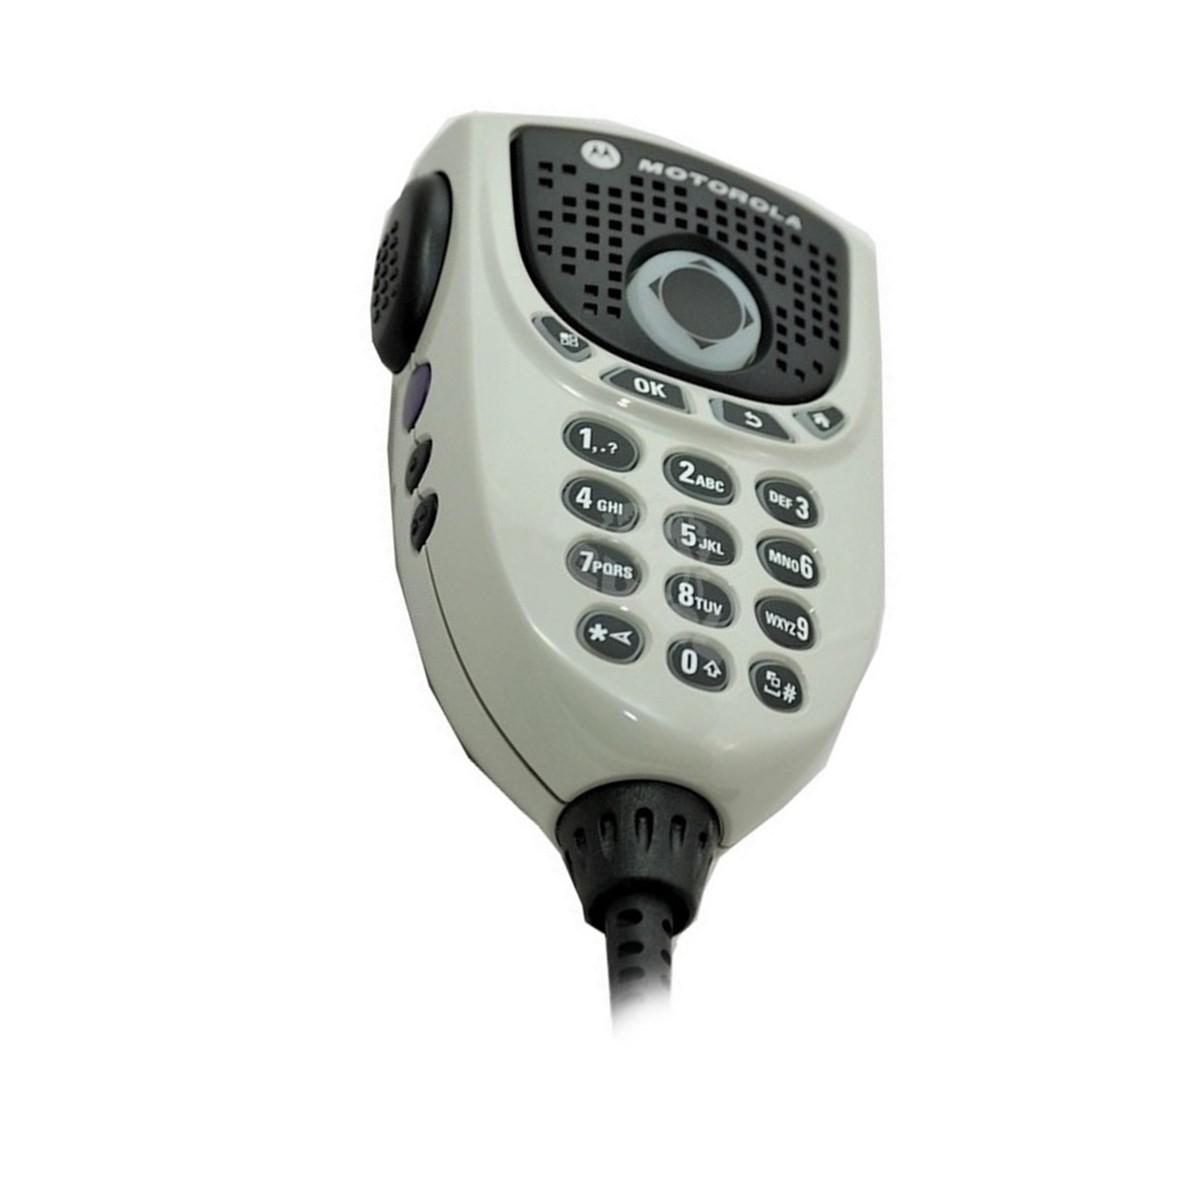 Micrófono Motorola RMN5127 para radio móvil